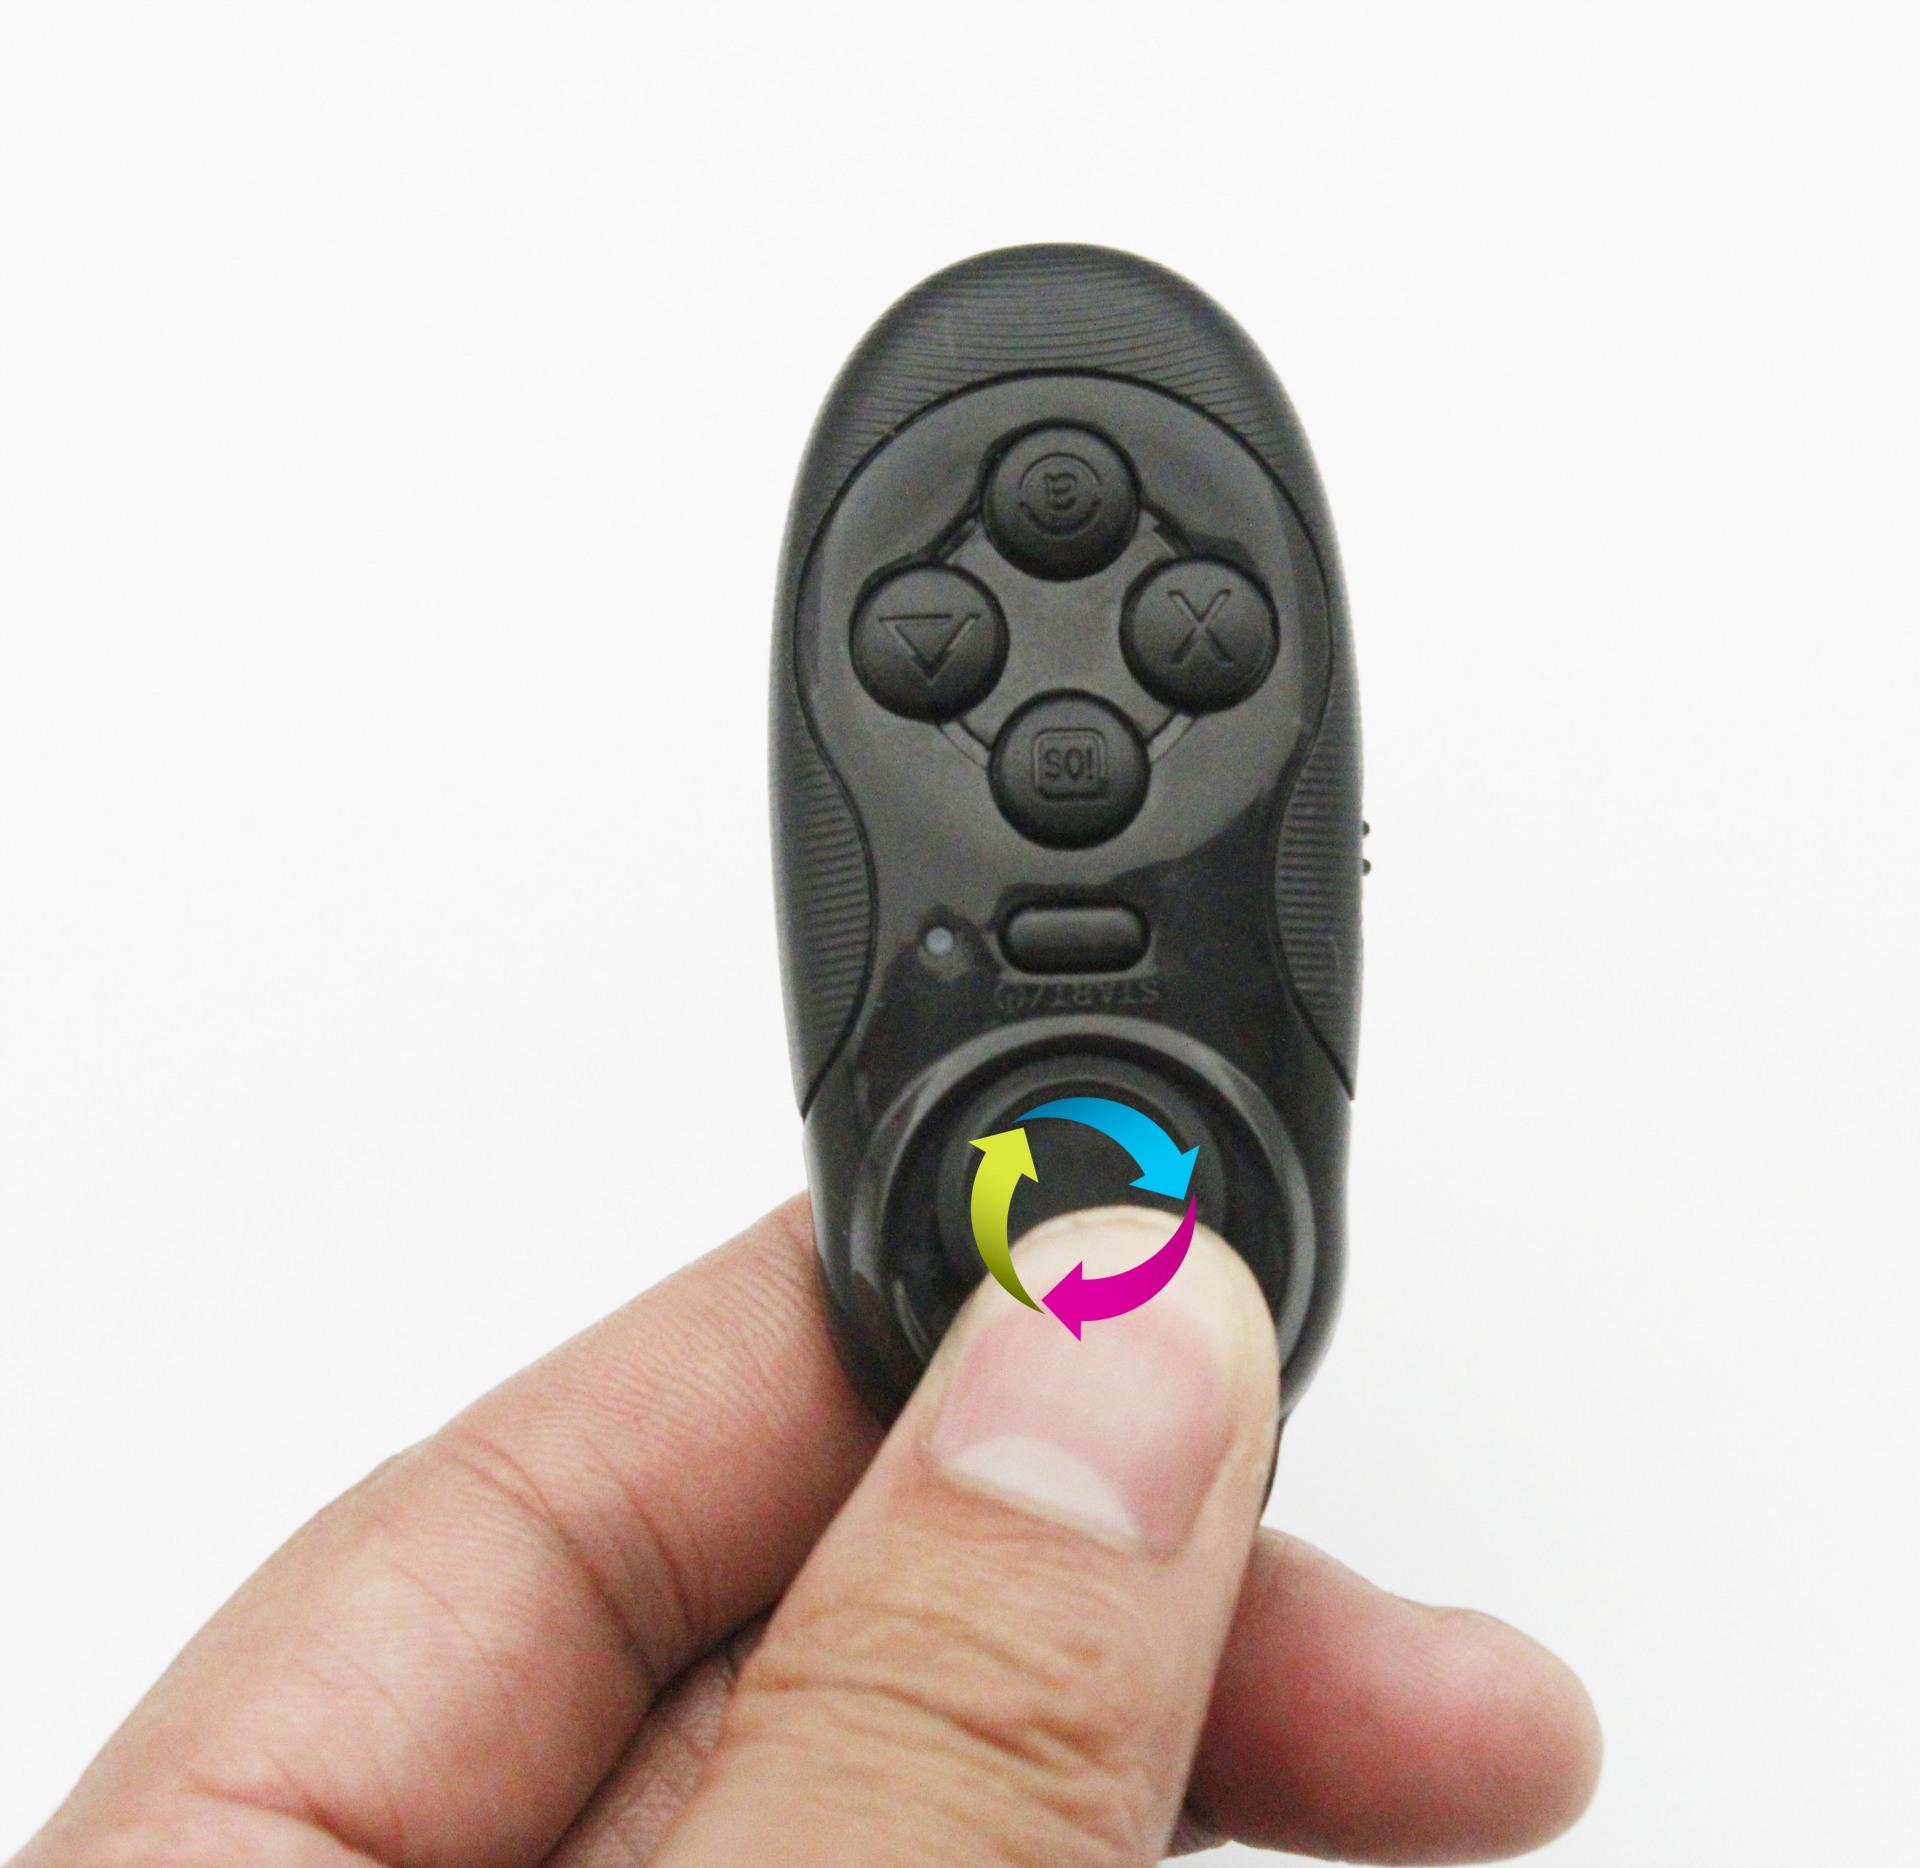 VR眼镜蓝牙游戏手柄 手柄迷彩游戏手柄 安卓手机通用